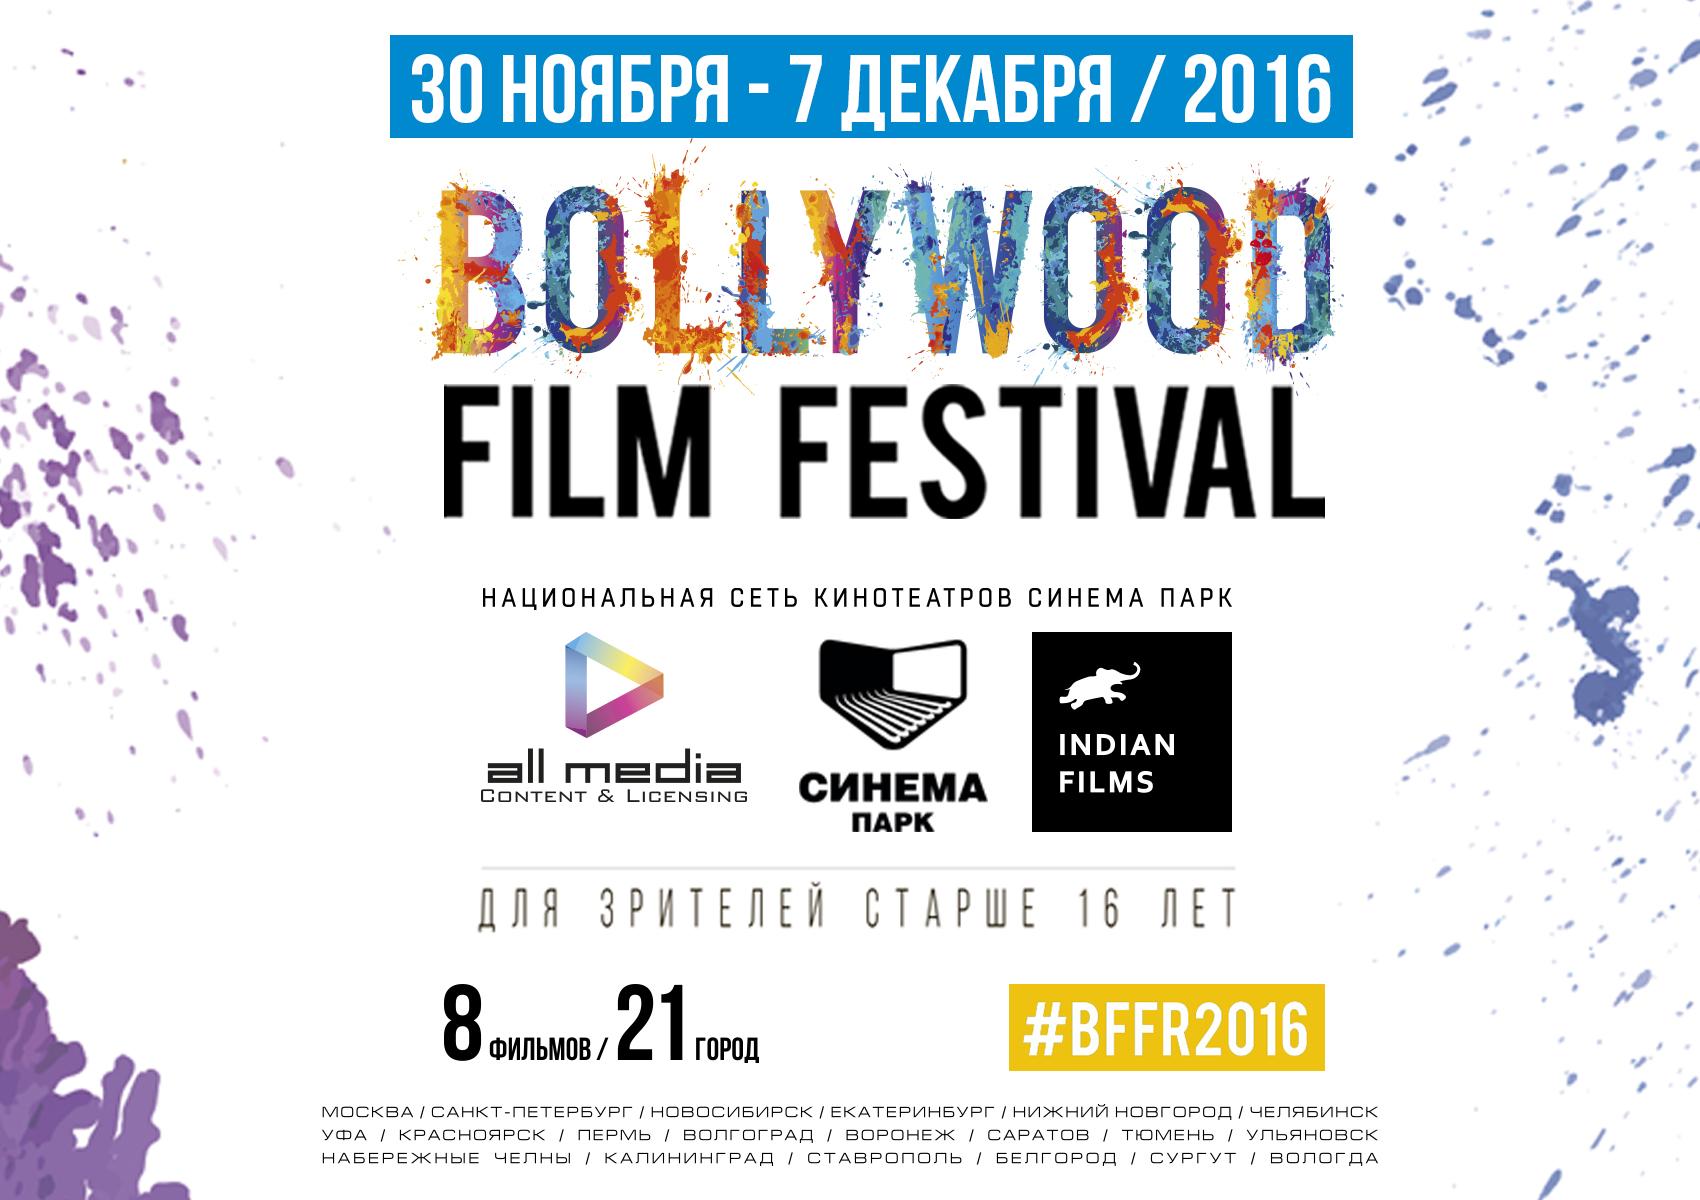 СИНЕМА ПАРК представляет первый масштабный BOLLYWOOD FILM FESTIVAL